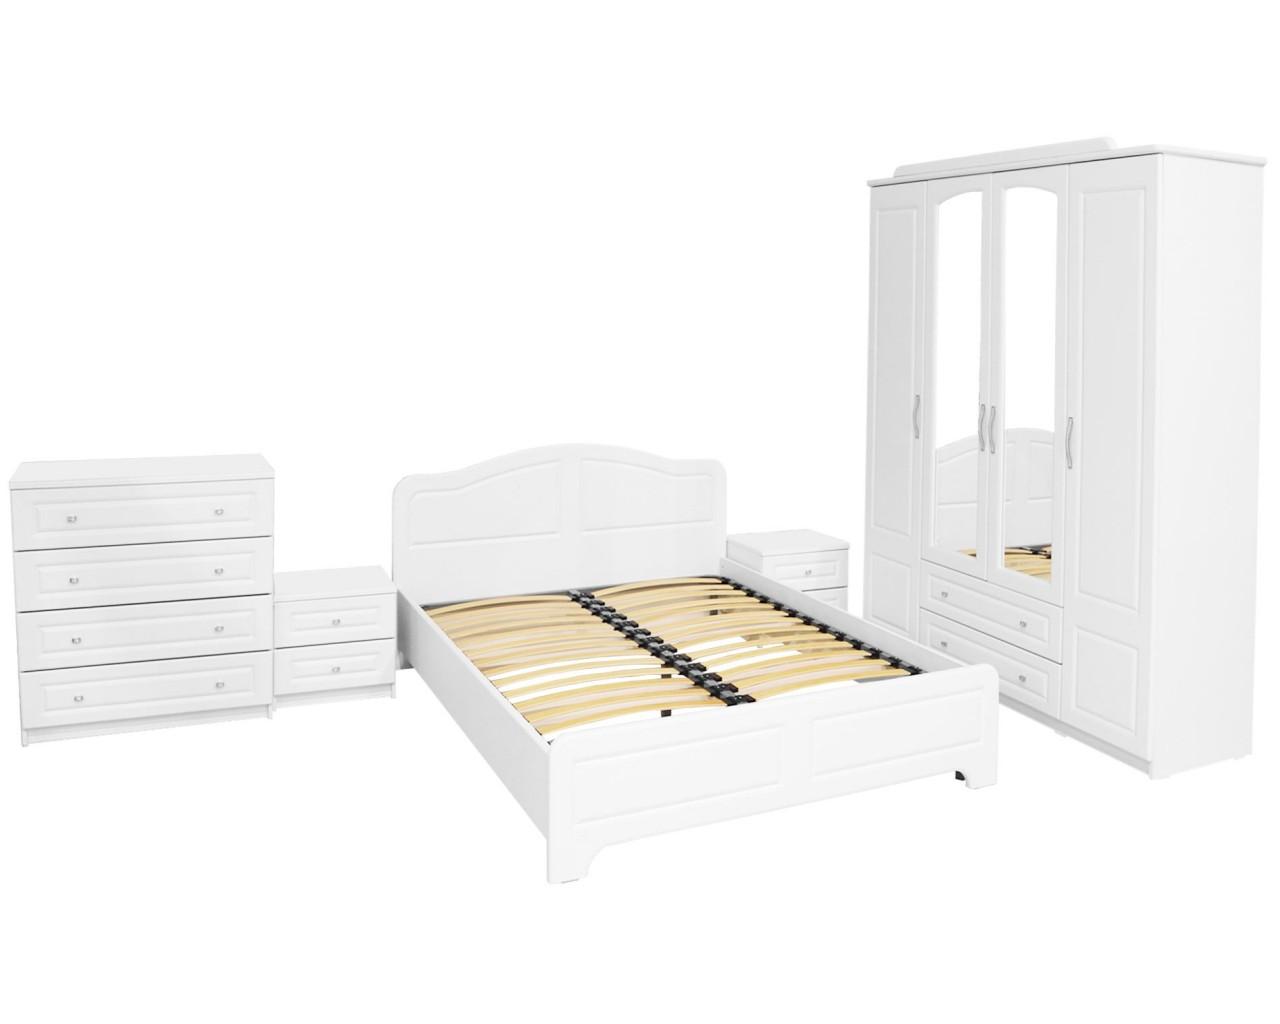 dormitor-sara-cu-pat-140×200-cm-1280×1024